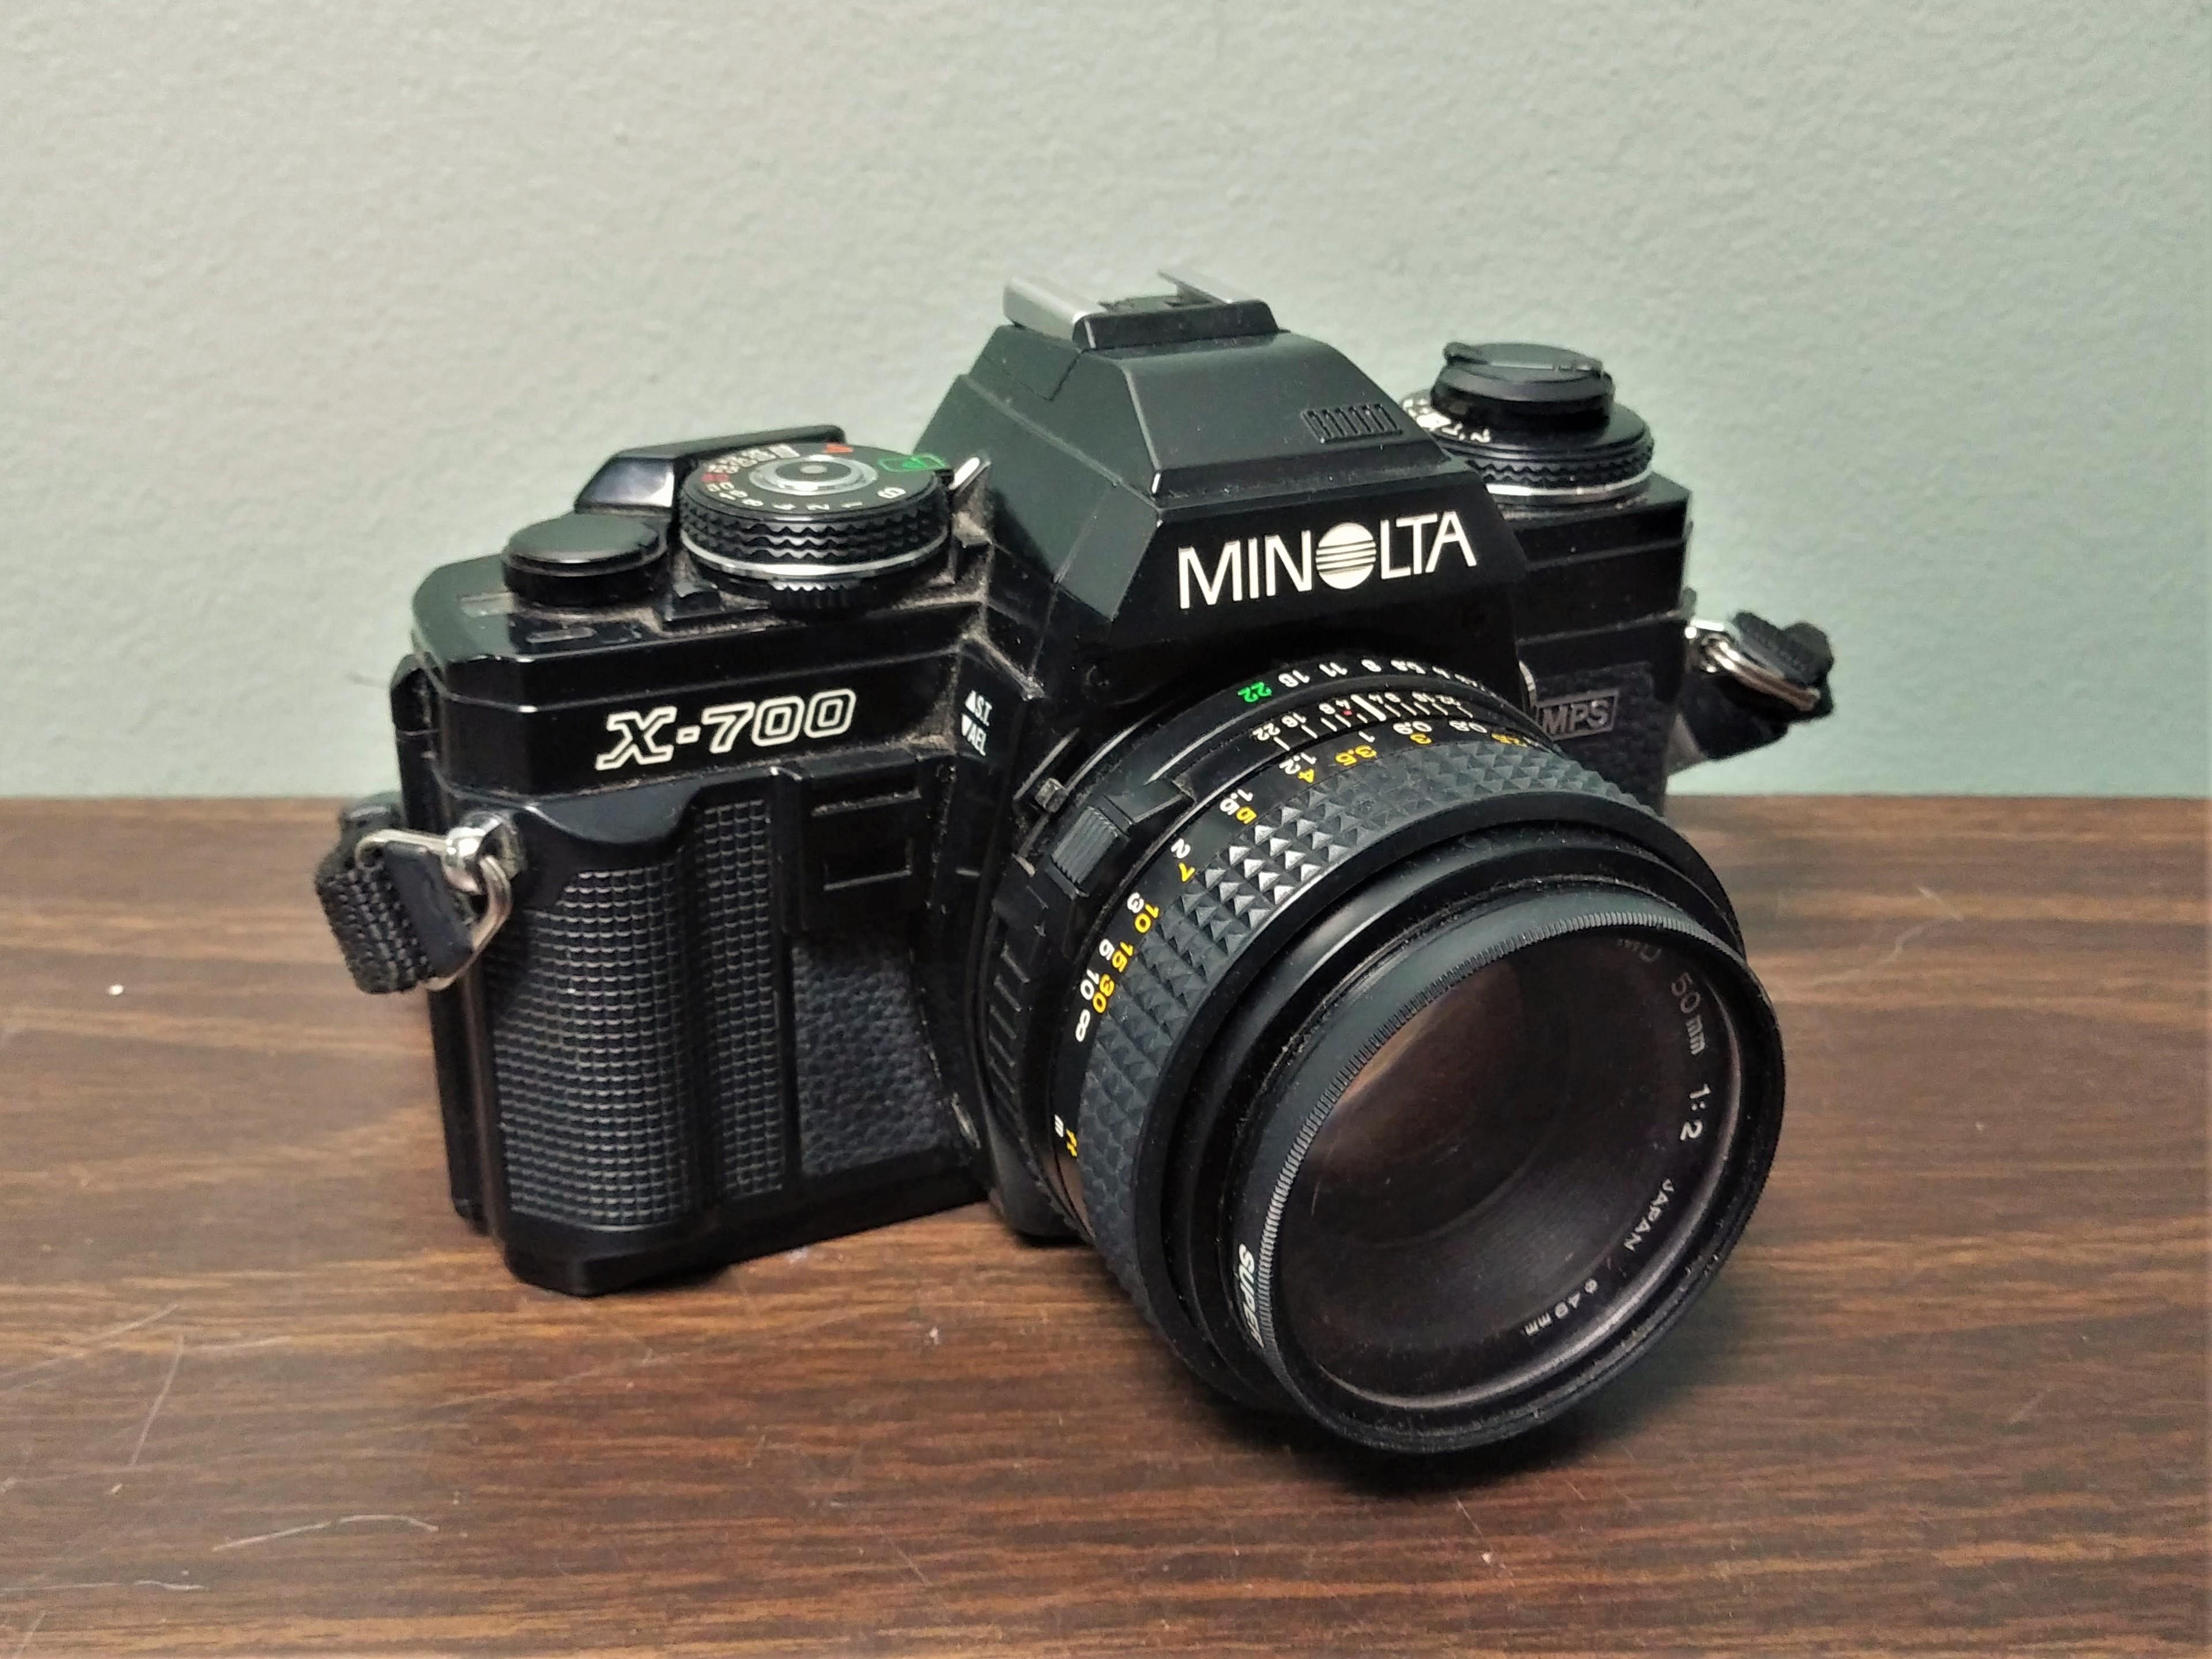 Minolta SLR Camera